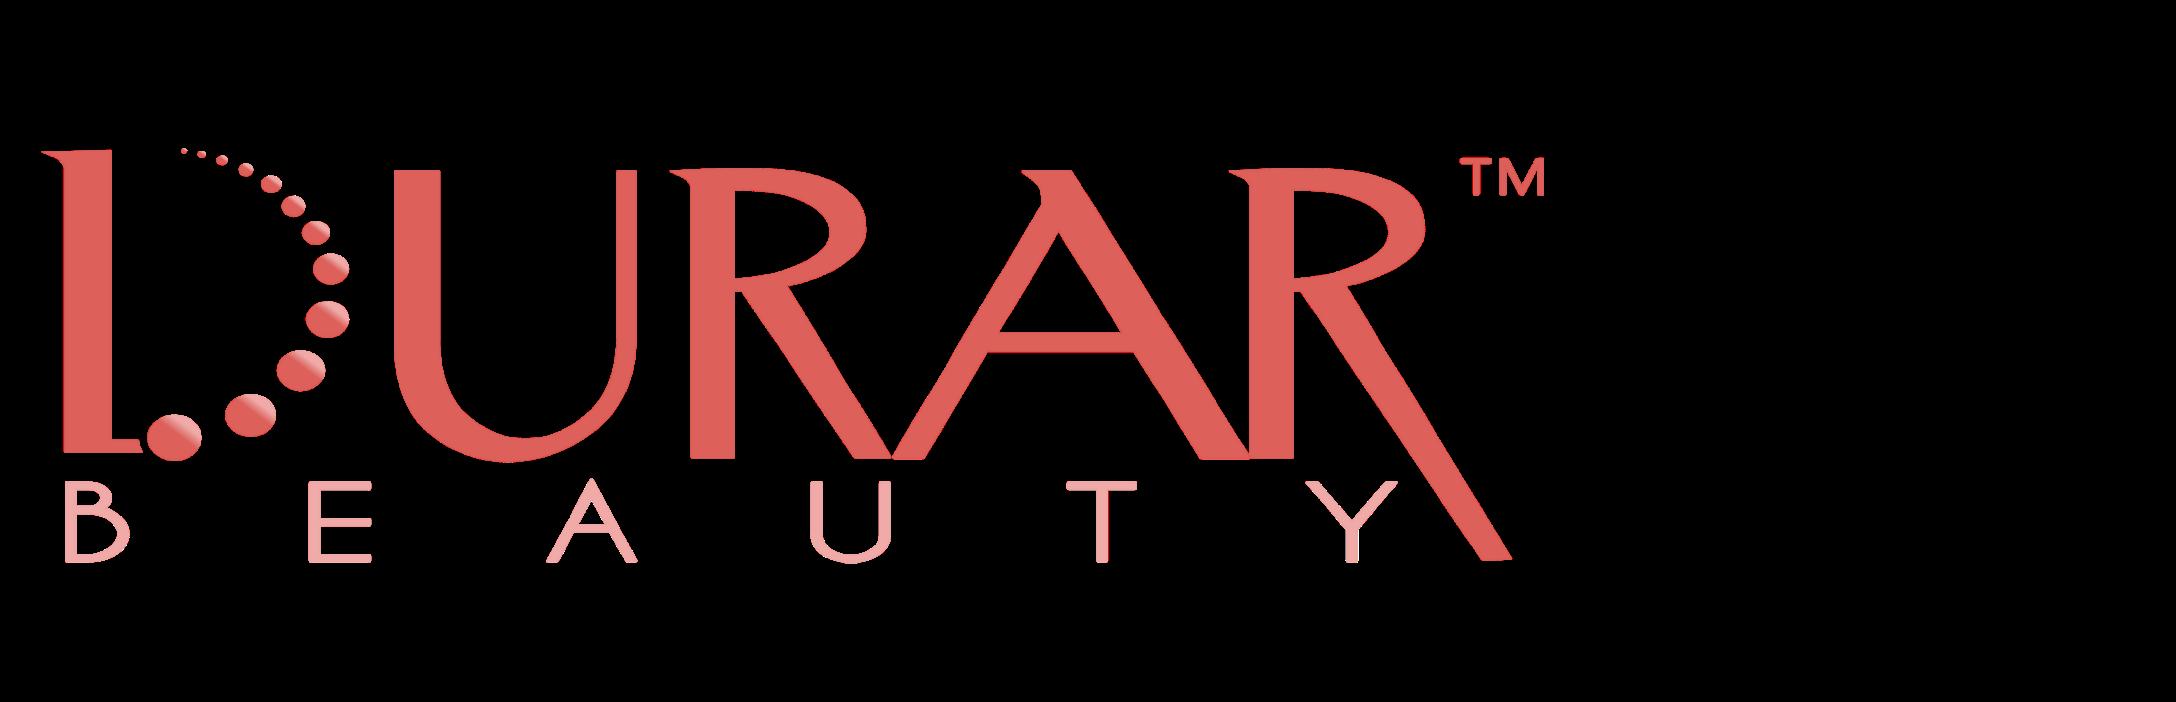 شنتشن Durar الجمال والتكنولوجيا المحدودة